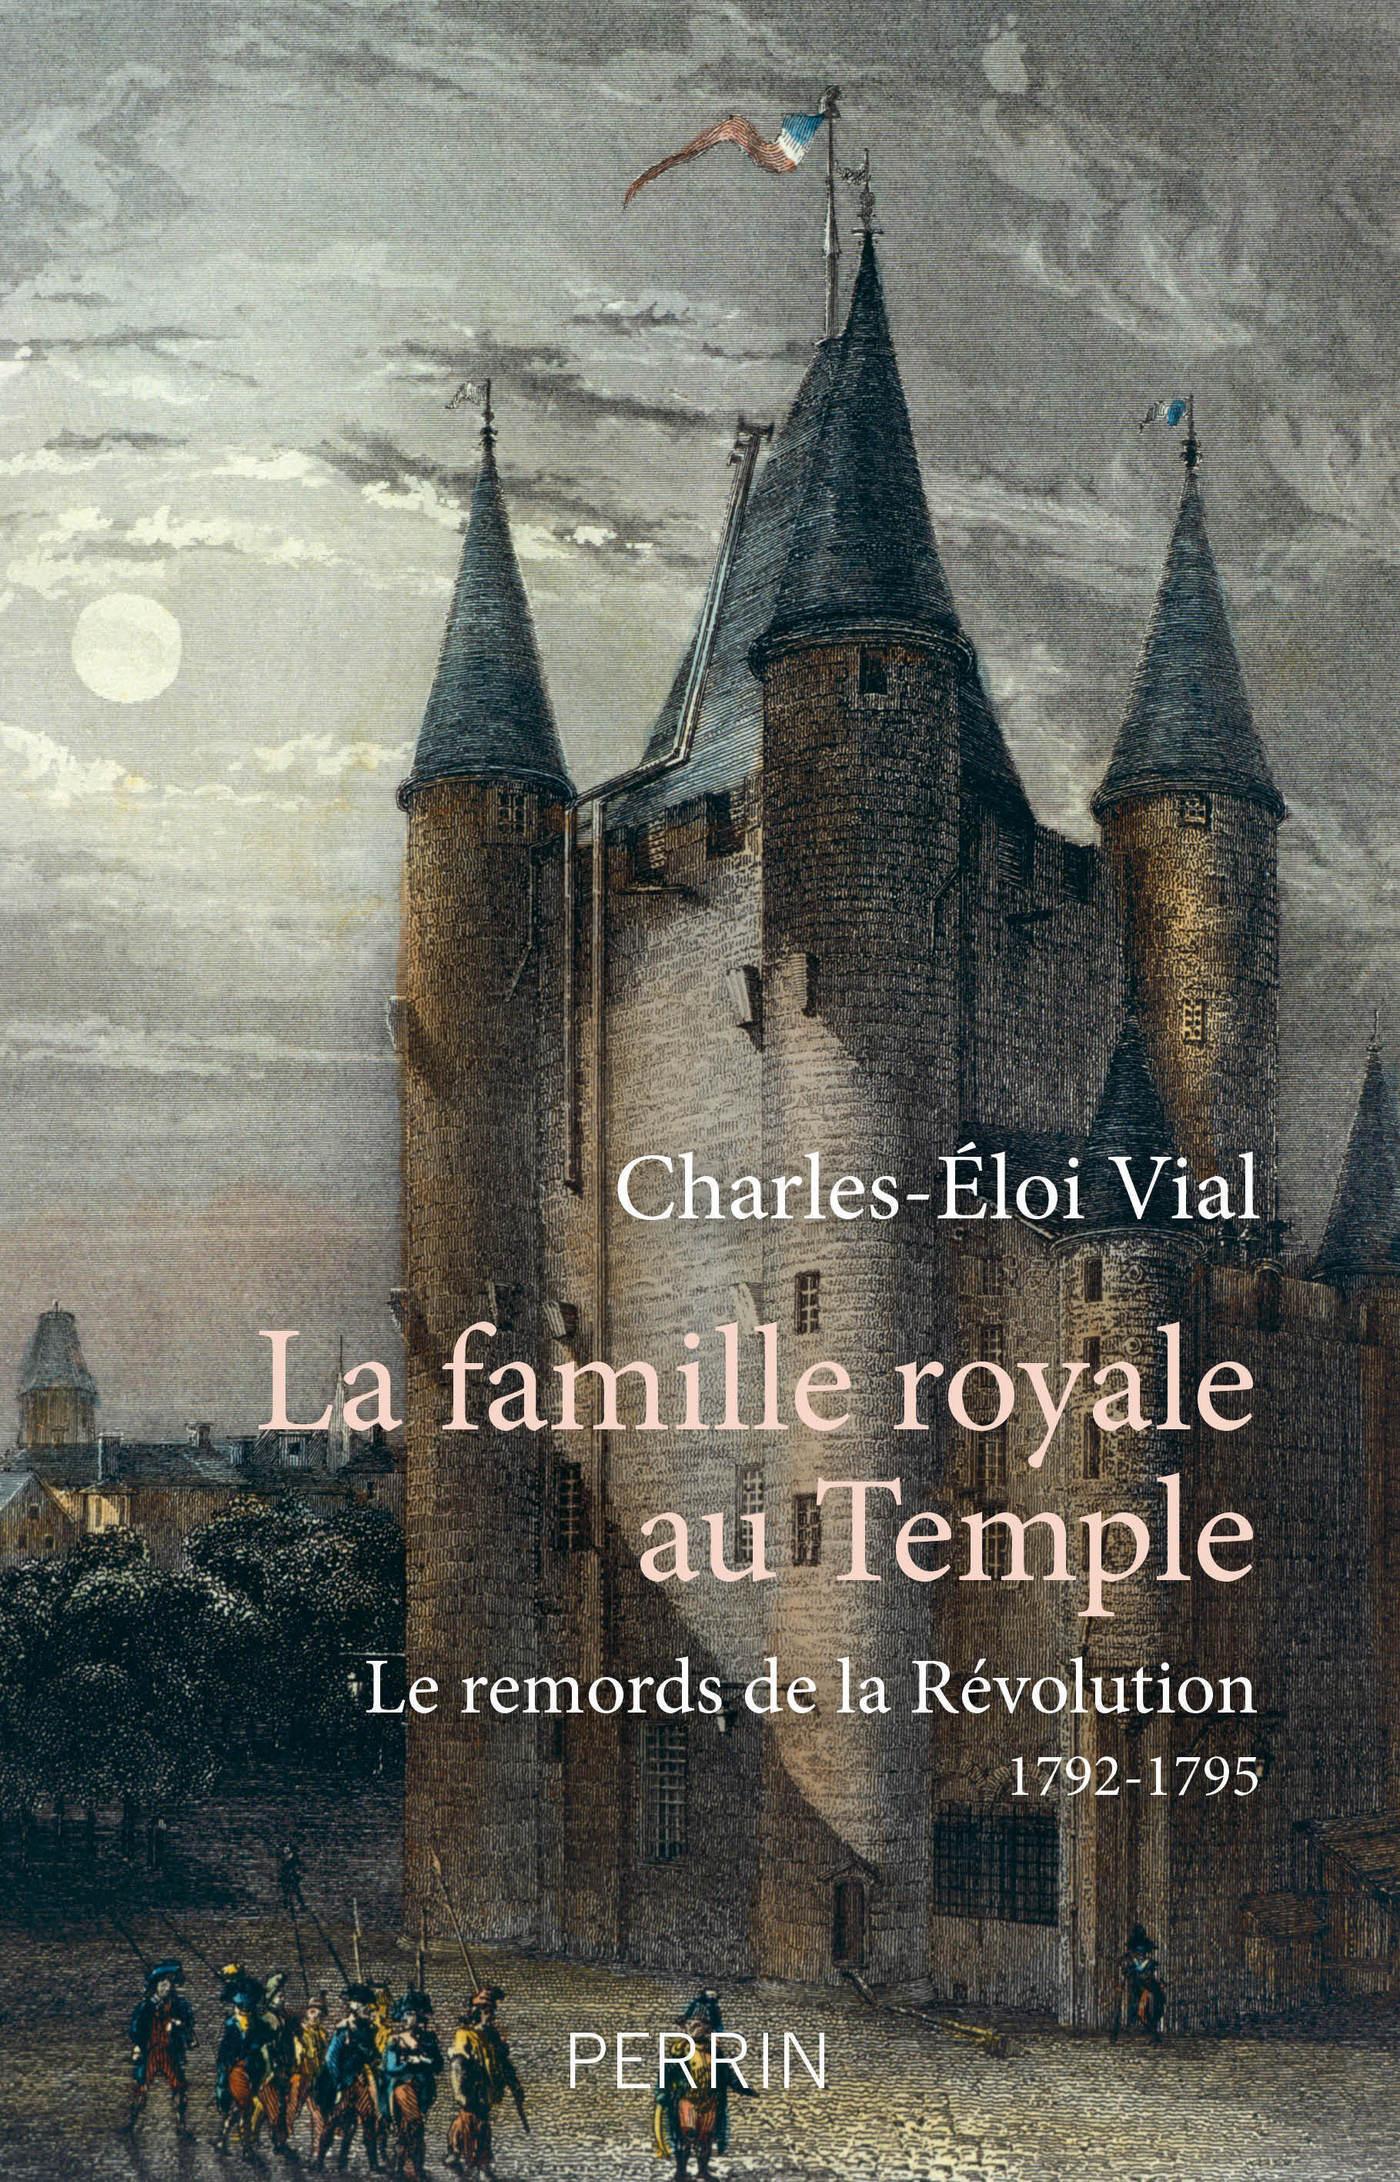 La Famille royale au temple